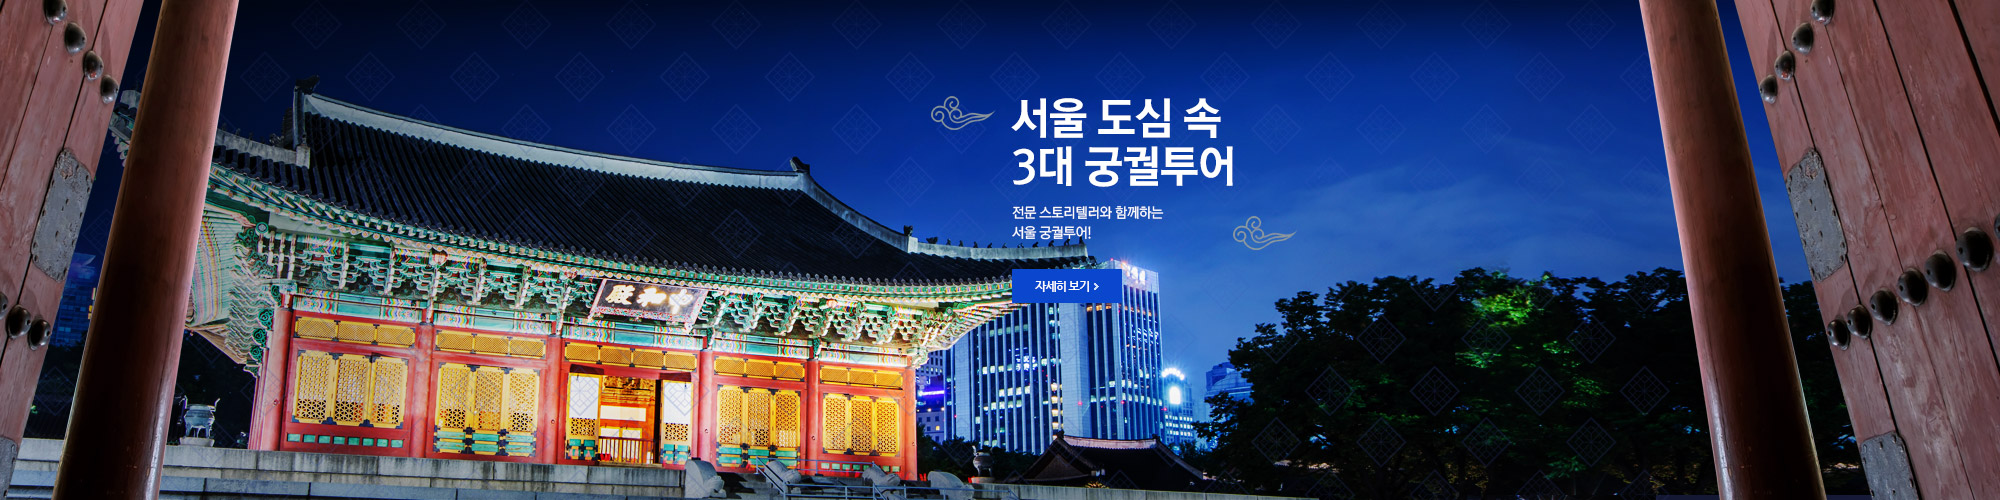 서울 도심 속 궁궐투어